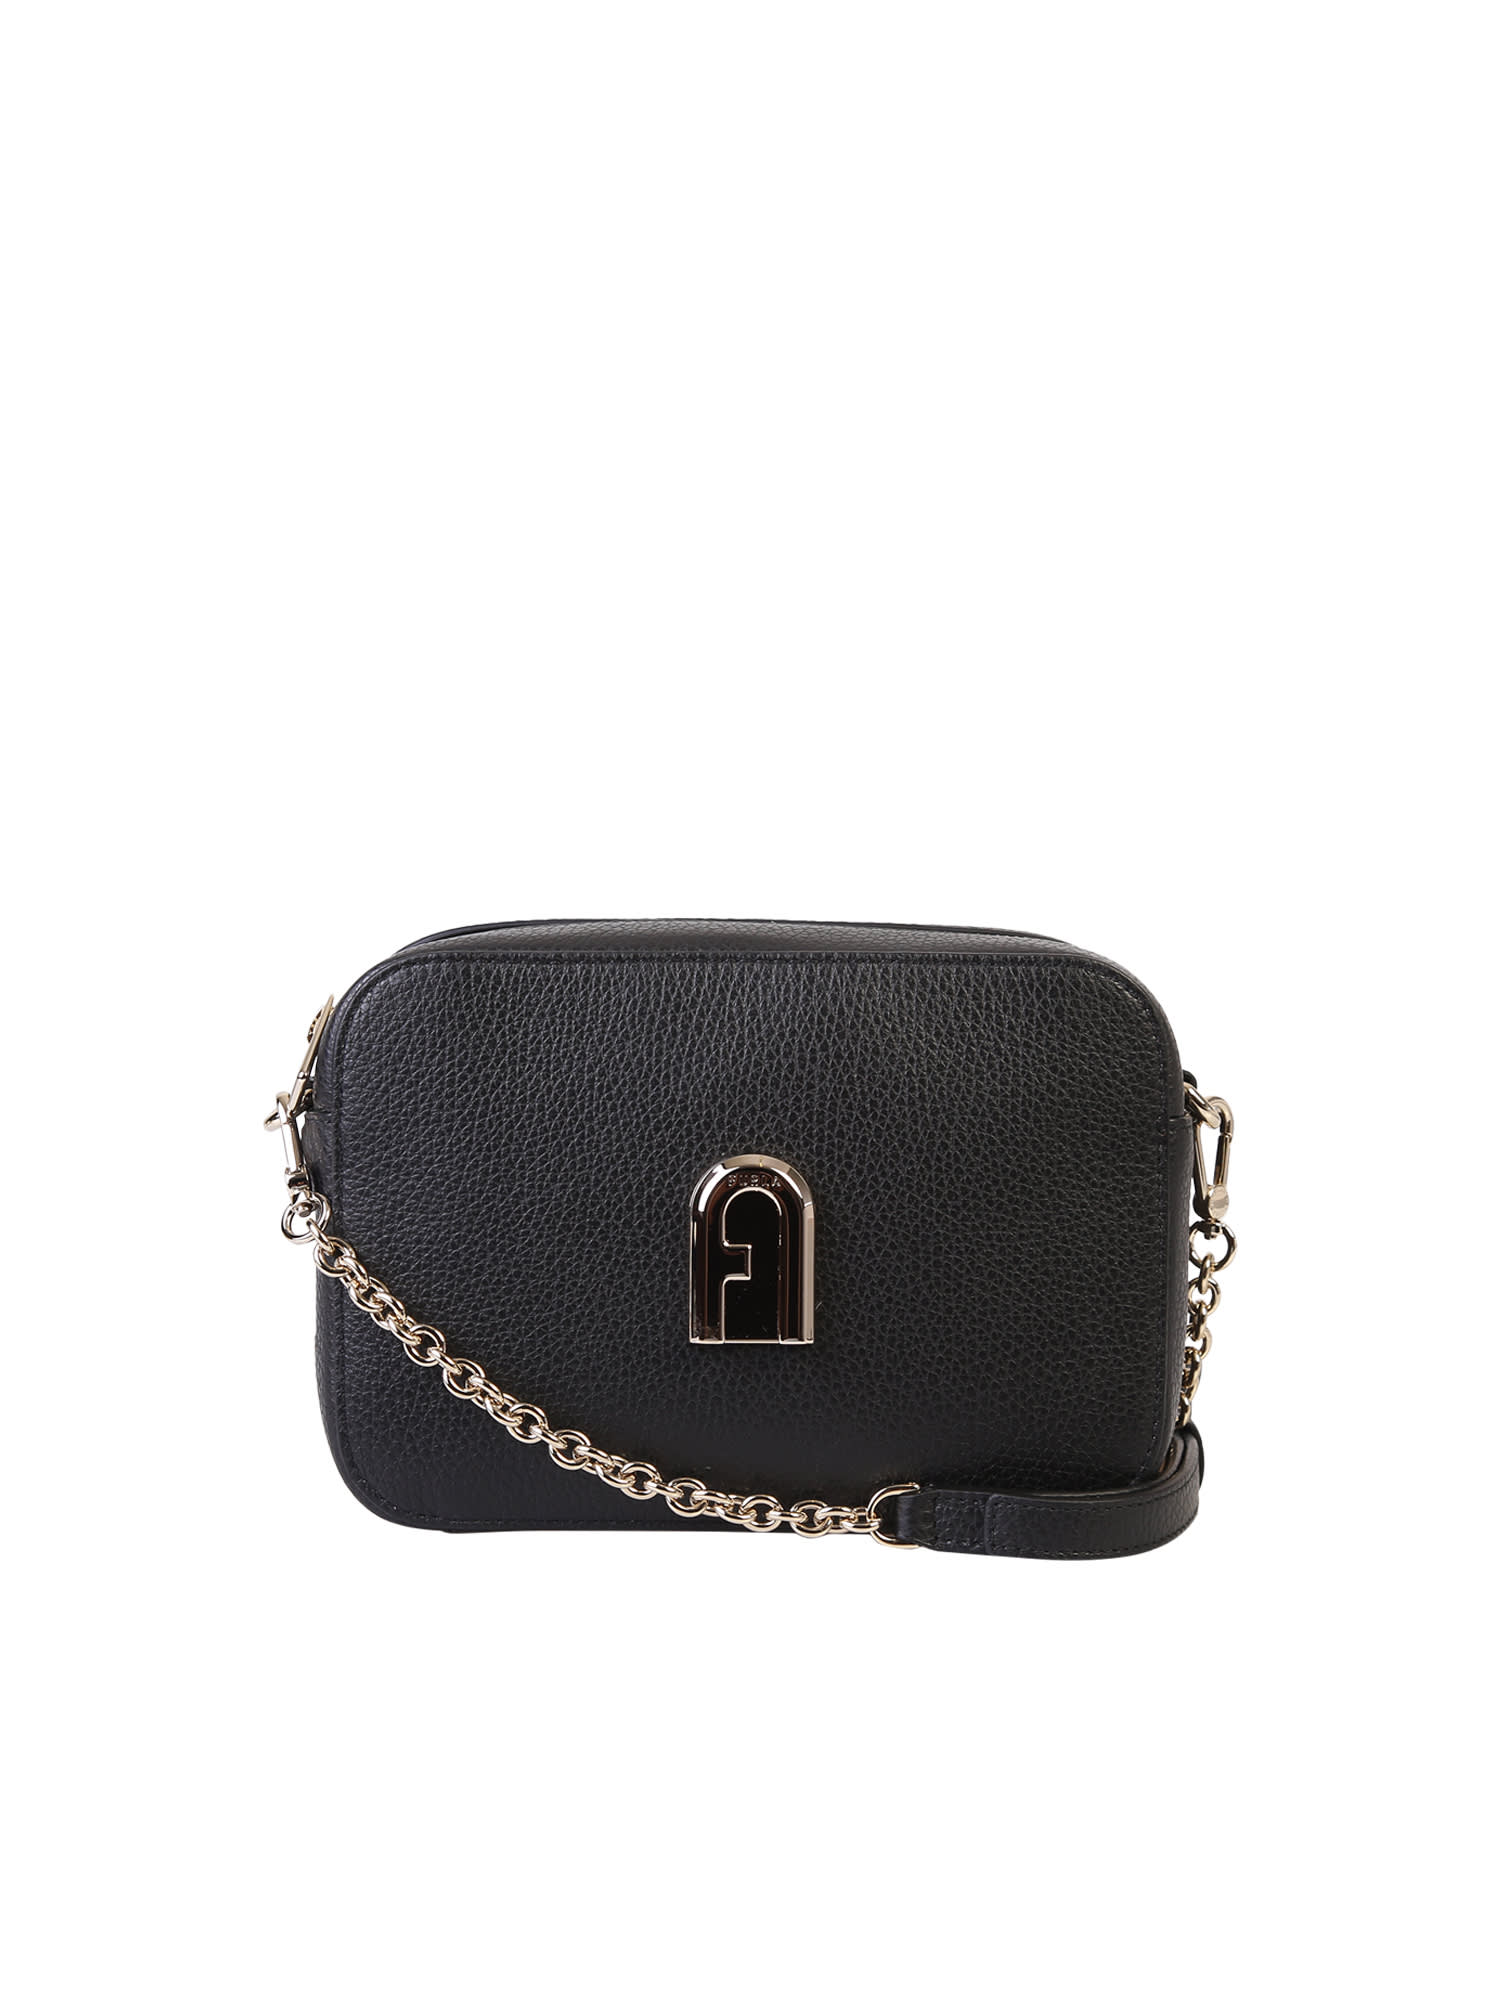 Furla Camera Bag